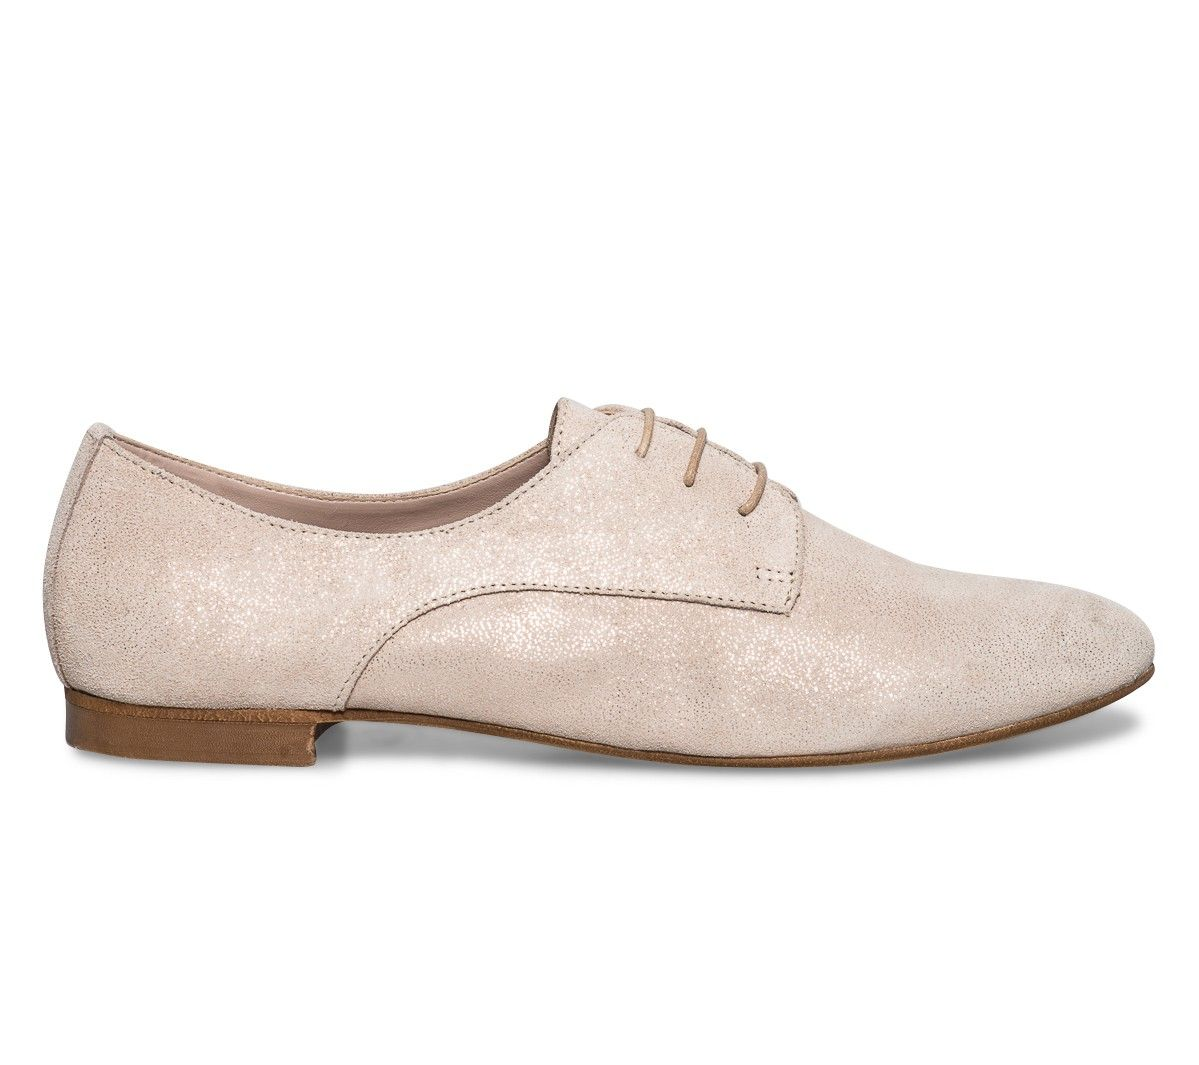 Chaussures Bateau En Cuir Blanc Île Fluviale 4W2d0pxia